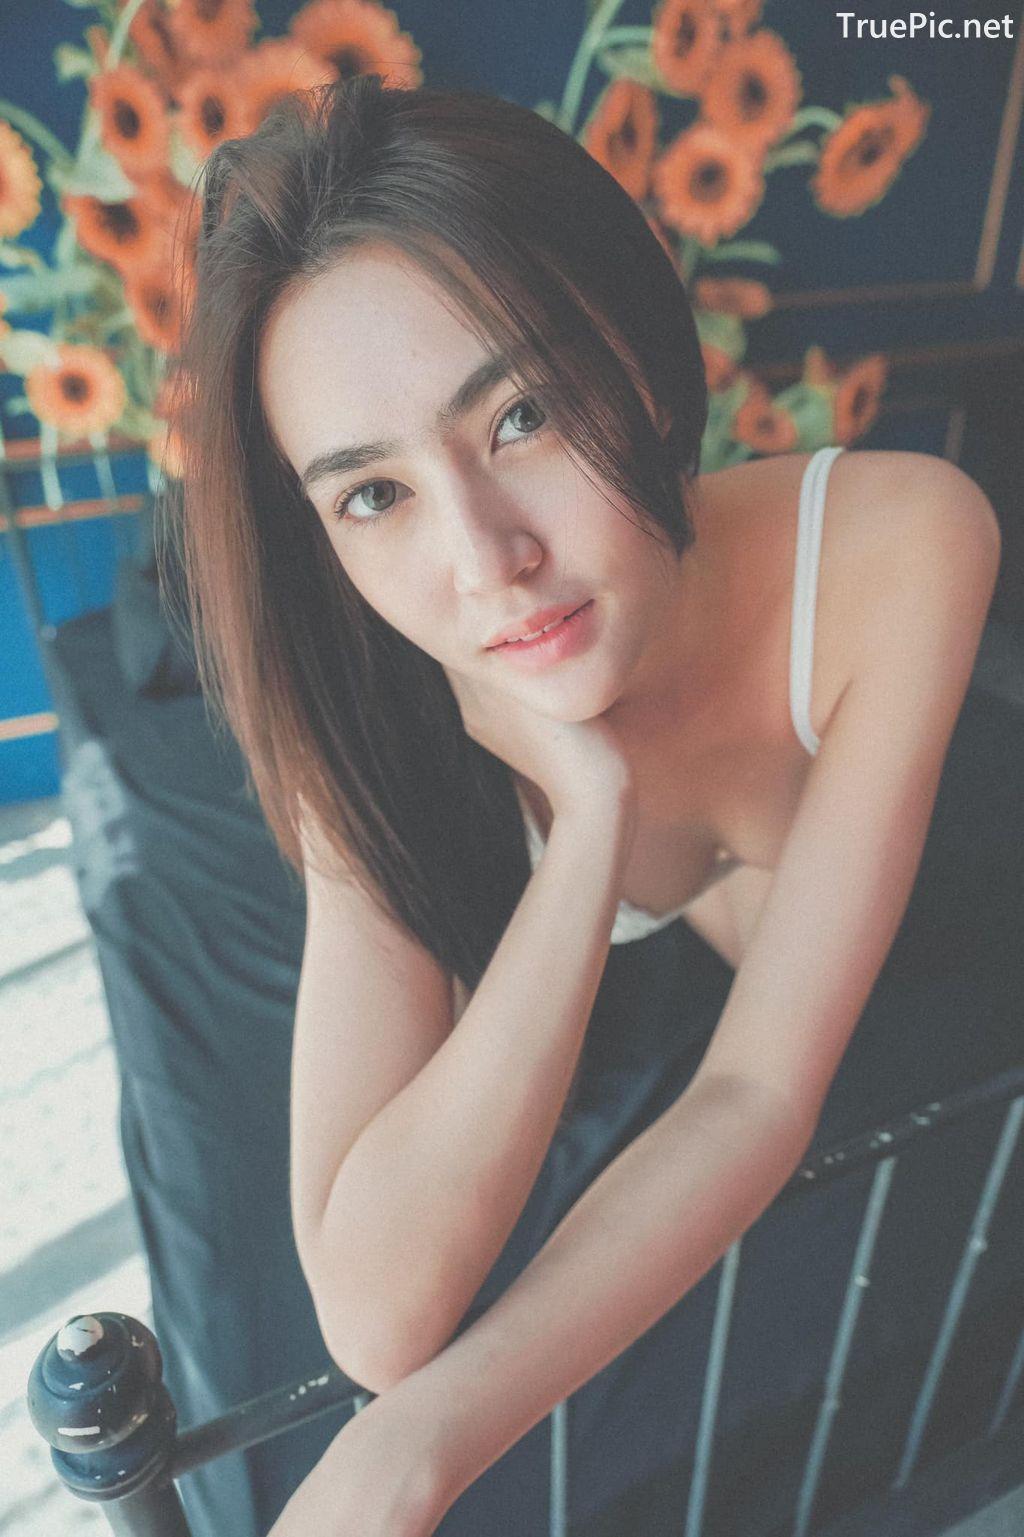 Image-Thailand-Model-Baifern-Rinrucha-Kamnark-White-Lingerie-TruePic.net- Picture-6